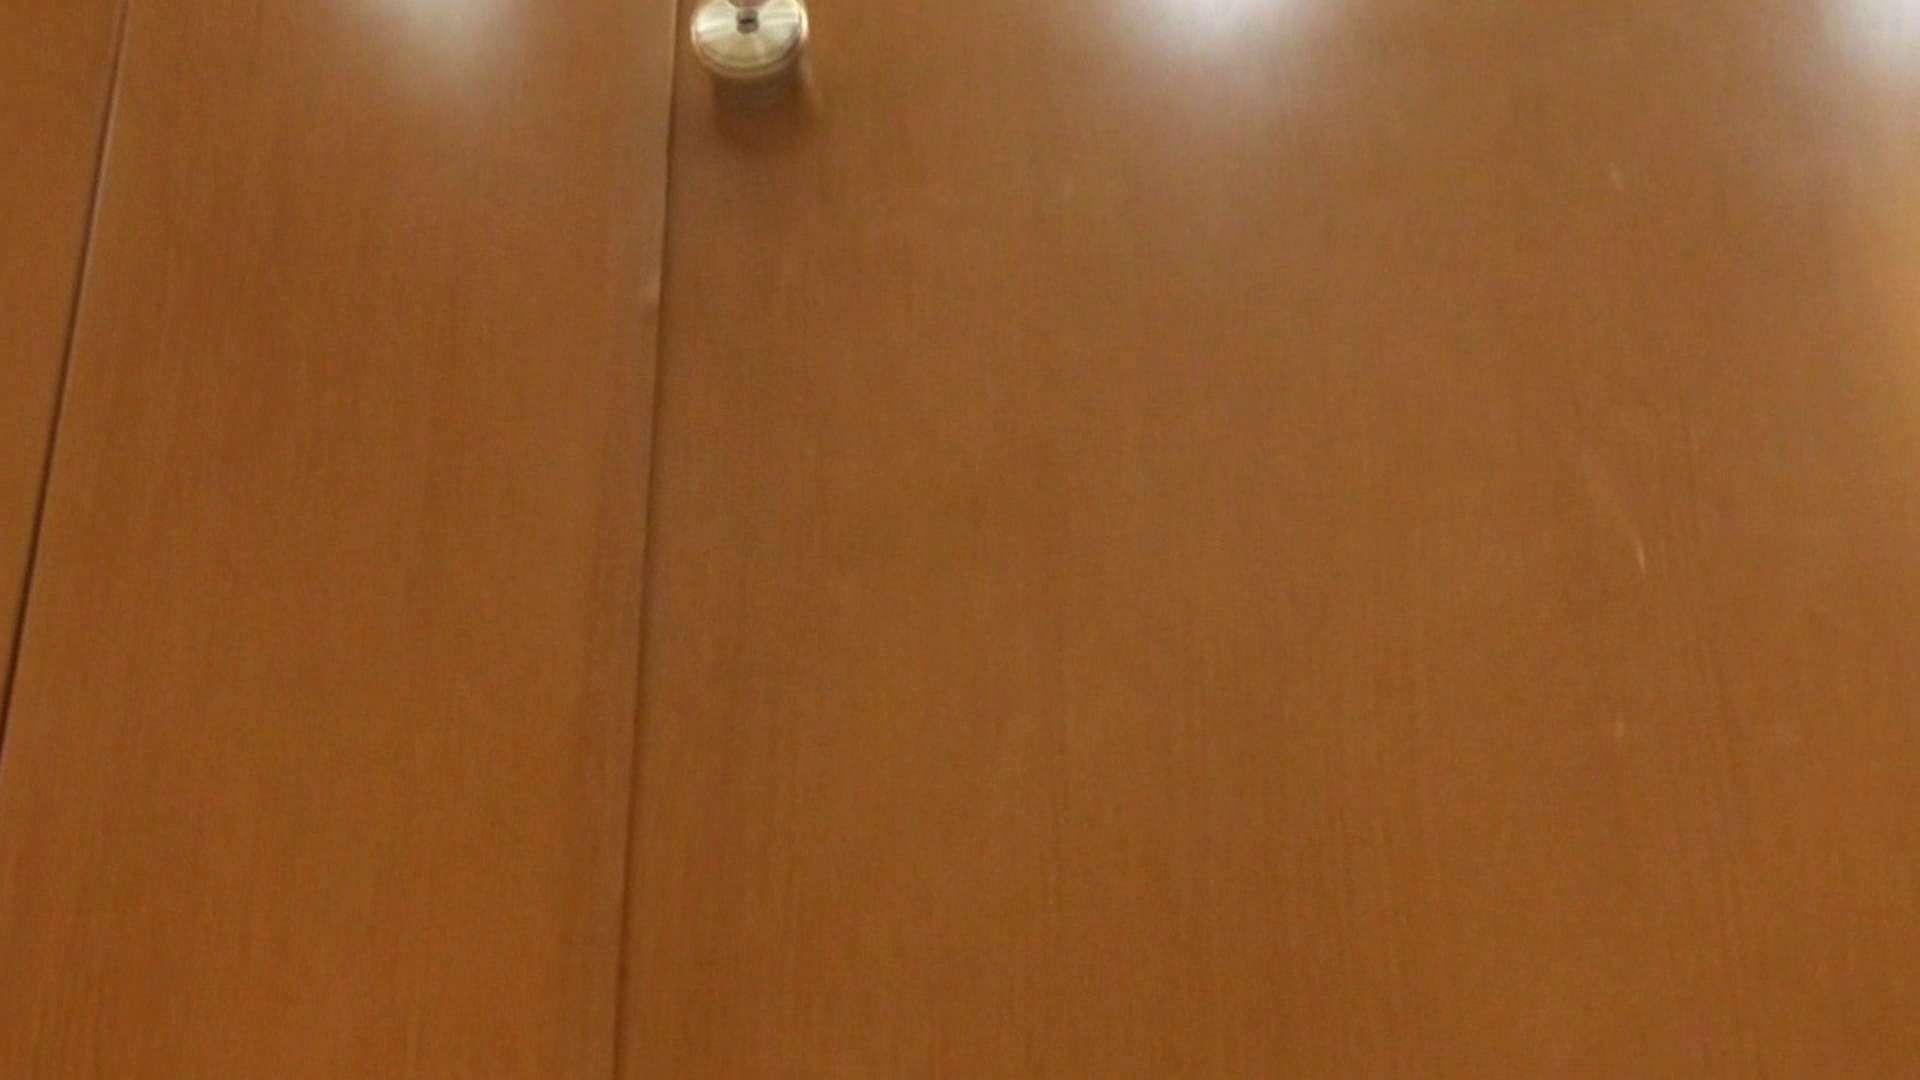 「噂」の国の厠観察日記2 Vol.01 綺麗なOLたち すけべAV動画紹介 60枚 53